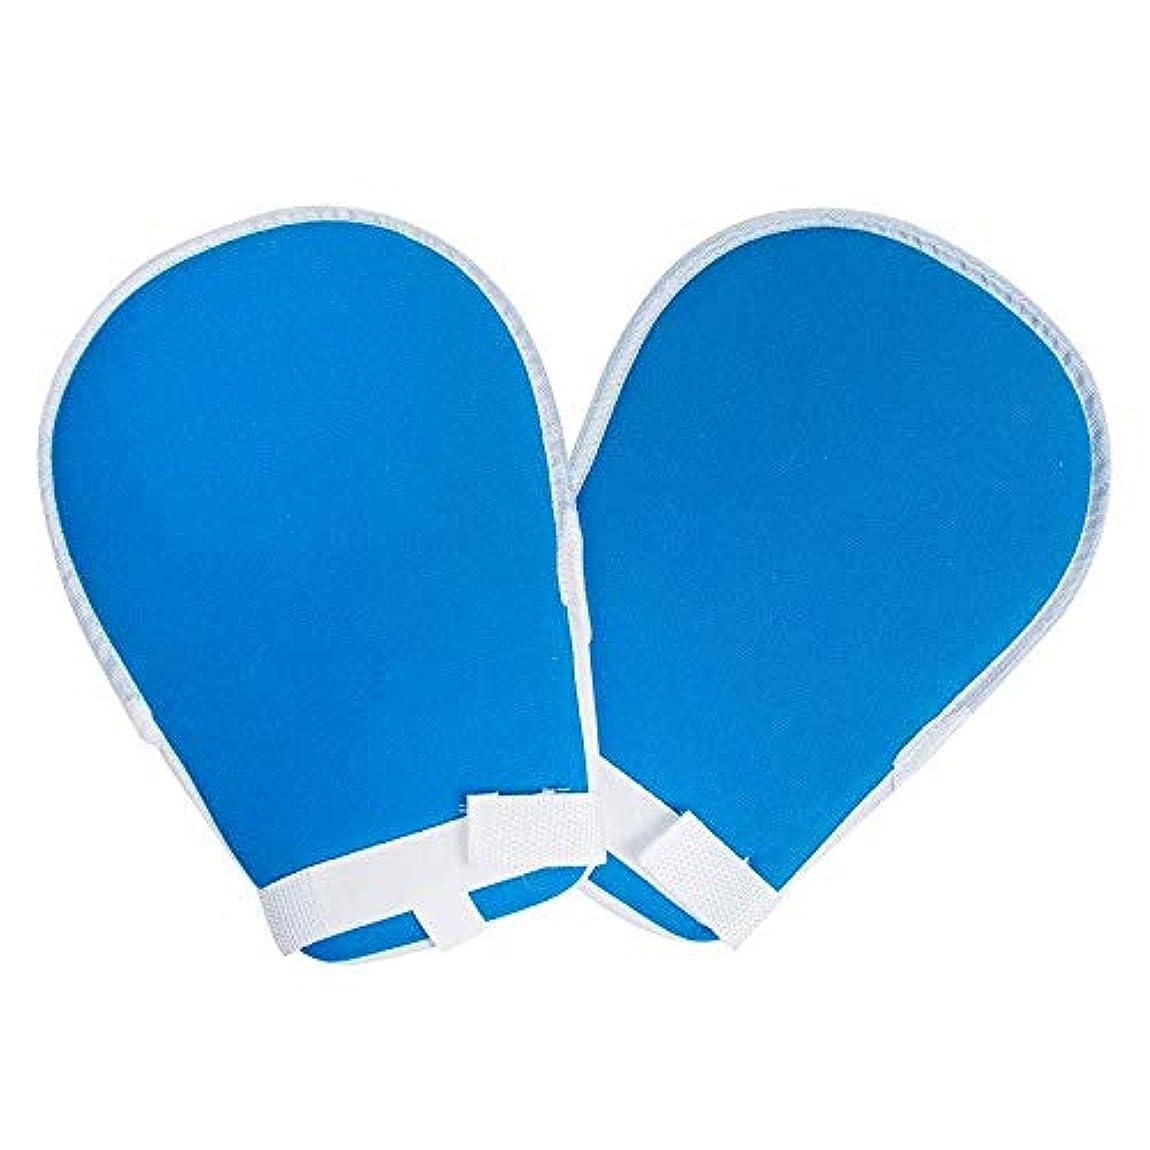 危険な無効にする受け皿プロテクターパッド入りフィンガーコントロールミット防止チューブ手防止予防患者の傷自己害患者の手感染指の害固定高齢者